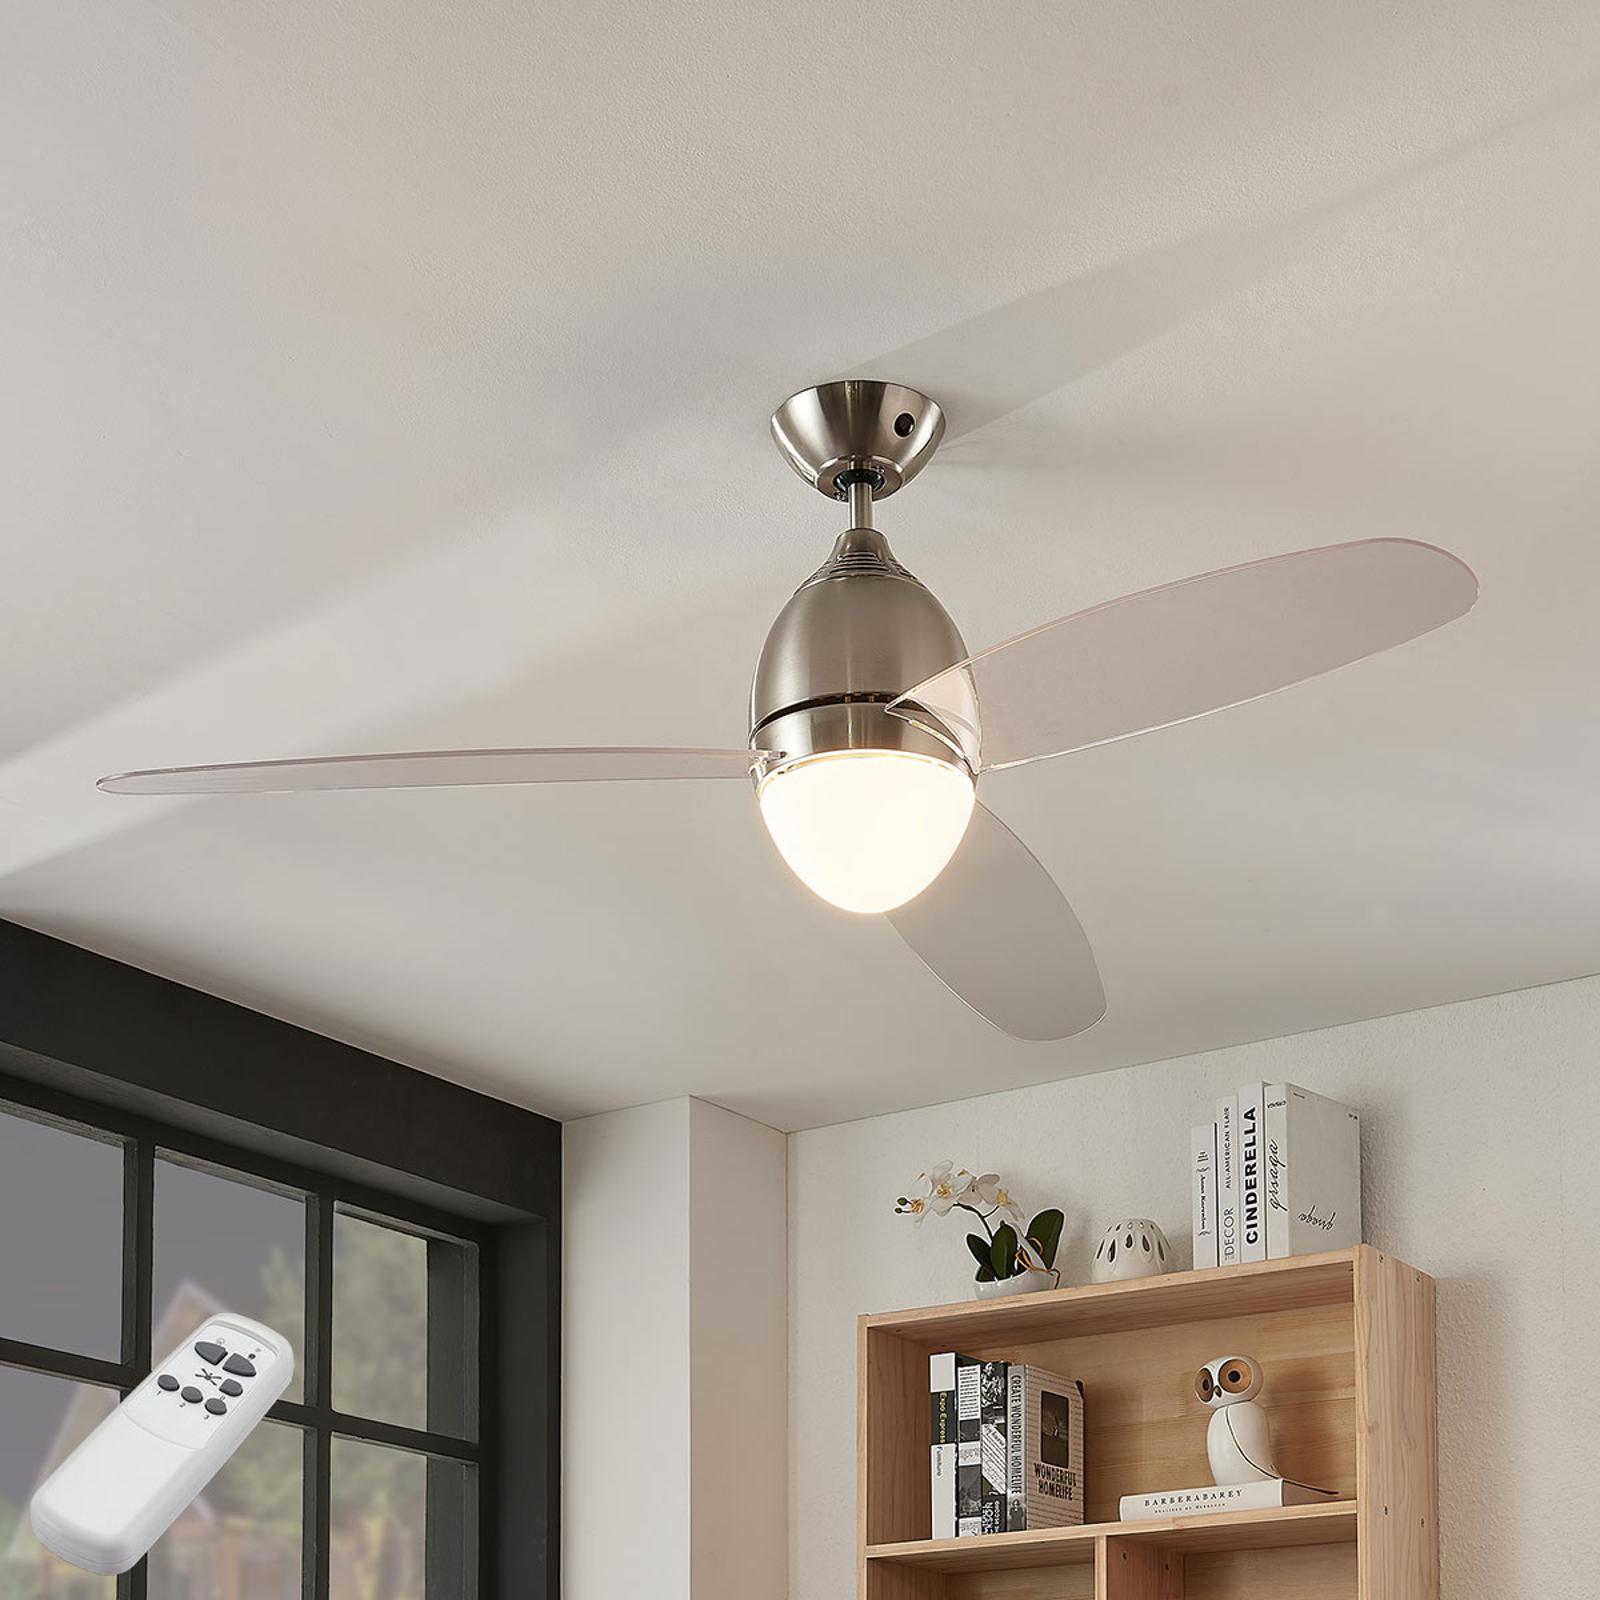 Ventilador de techo Piara con luz, transparente